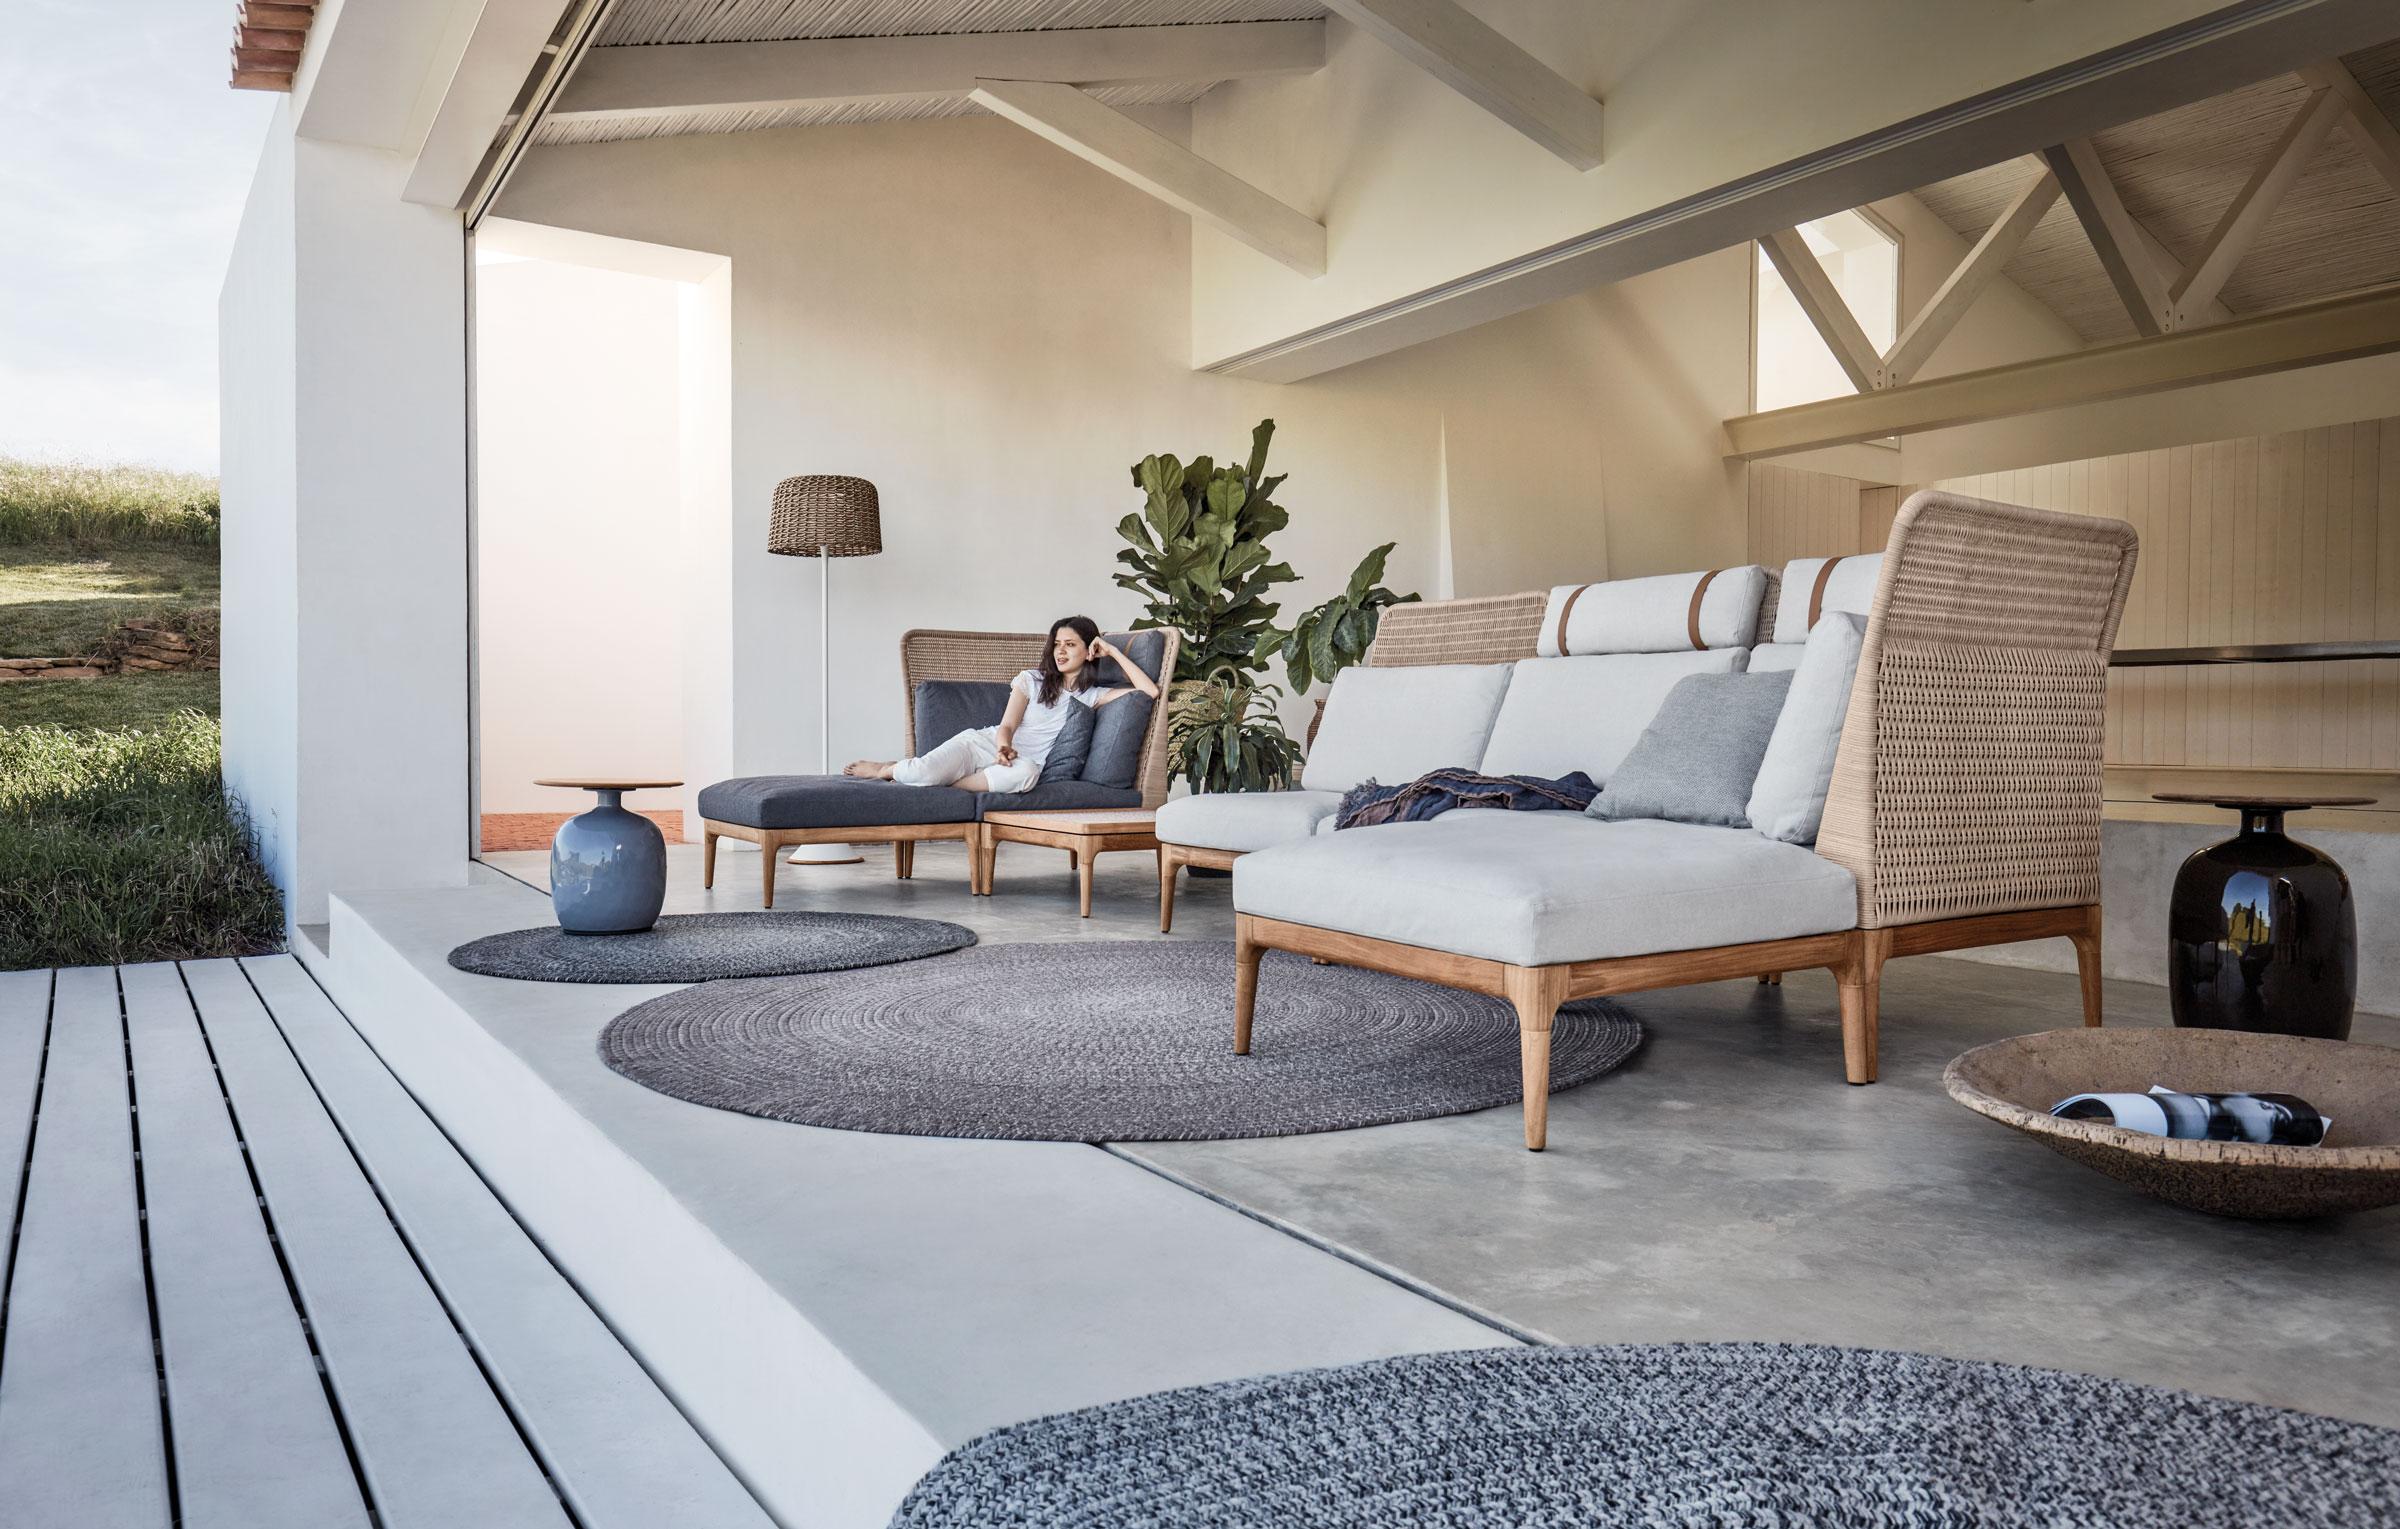 hauser-design-gloster-lima-lounge-sofa-mit-eine-rliegenden-frau